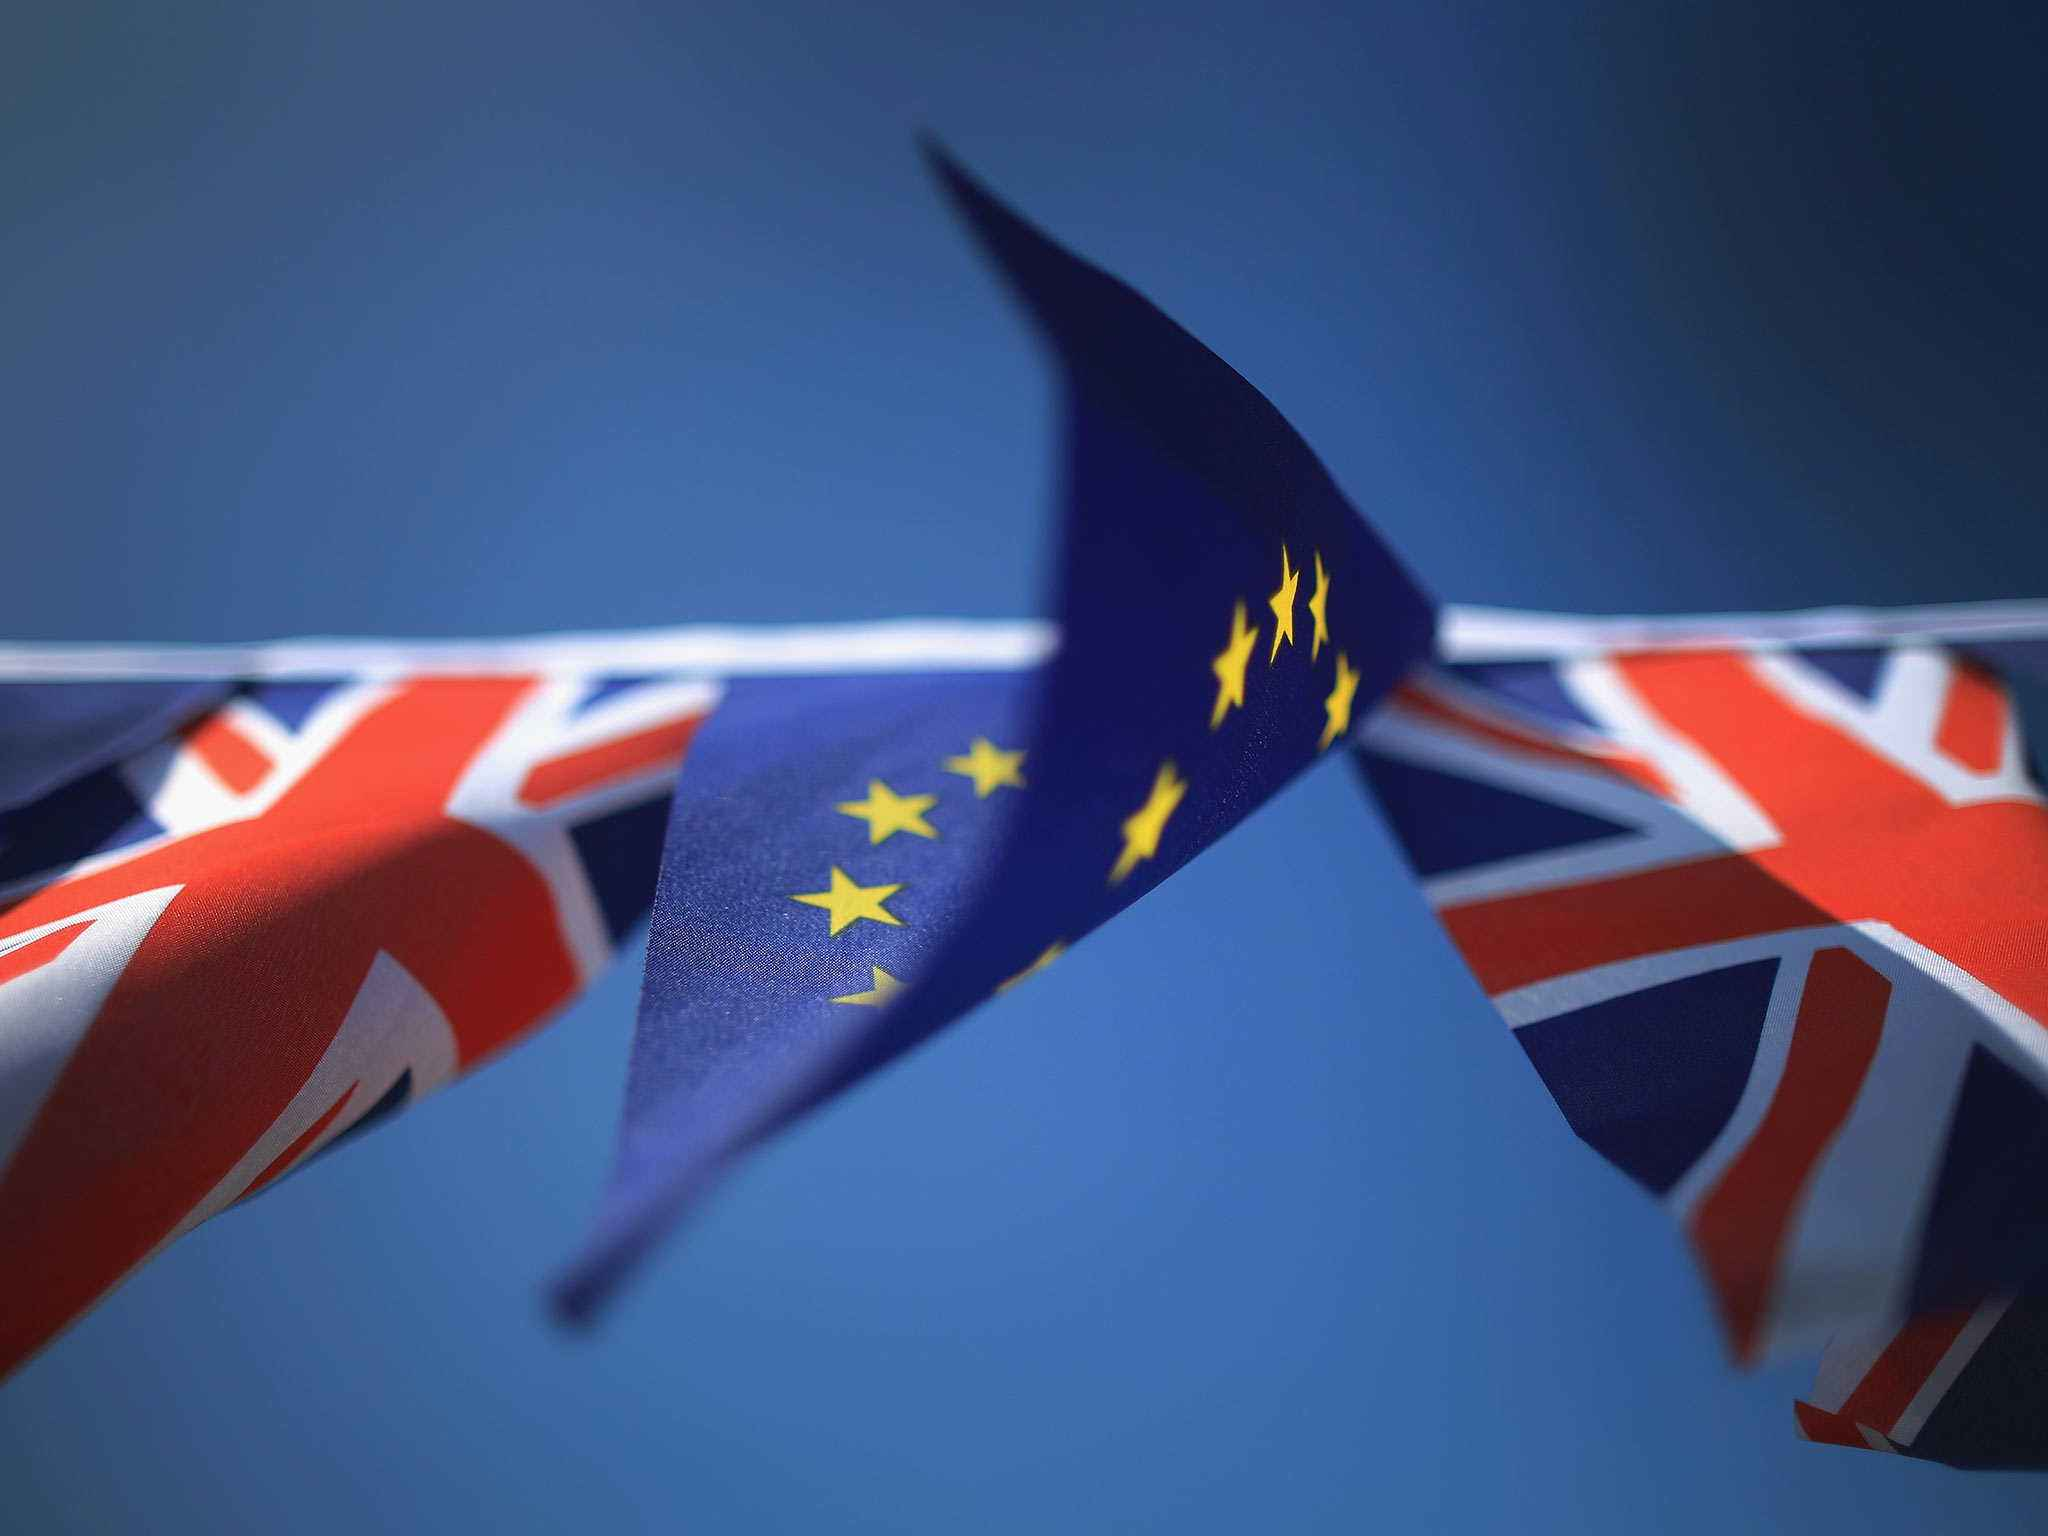 英国脱欧面临1000亿欧元分手费 悬浮议会恐崩盘